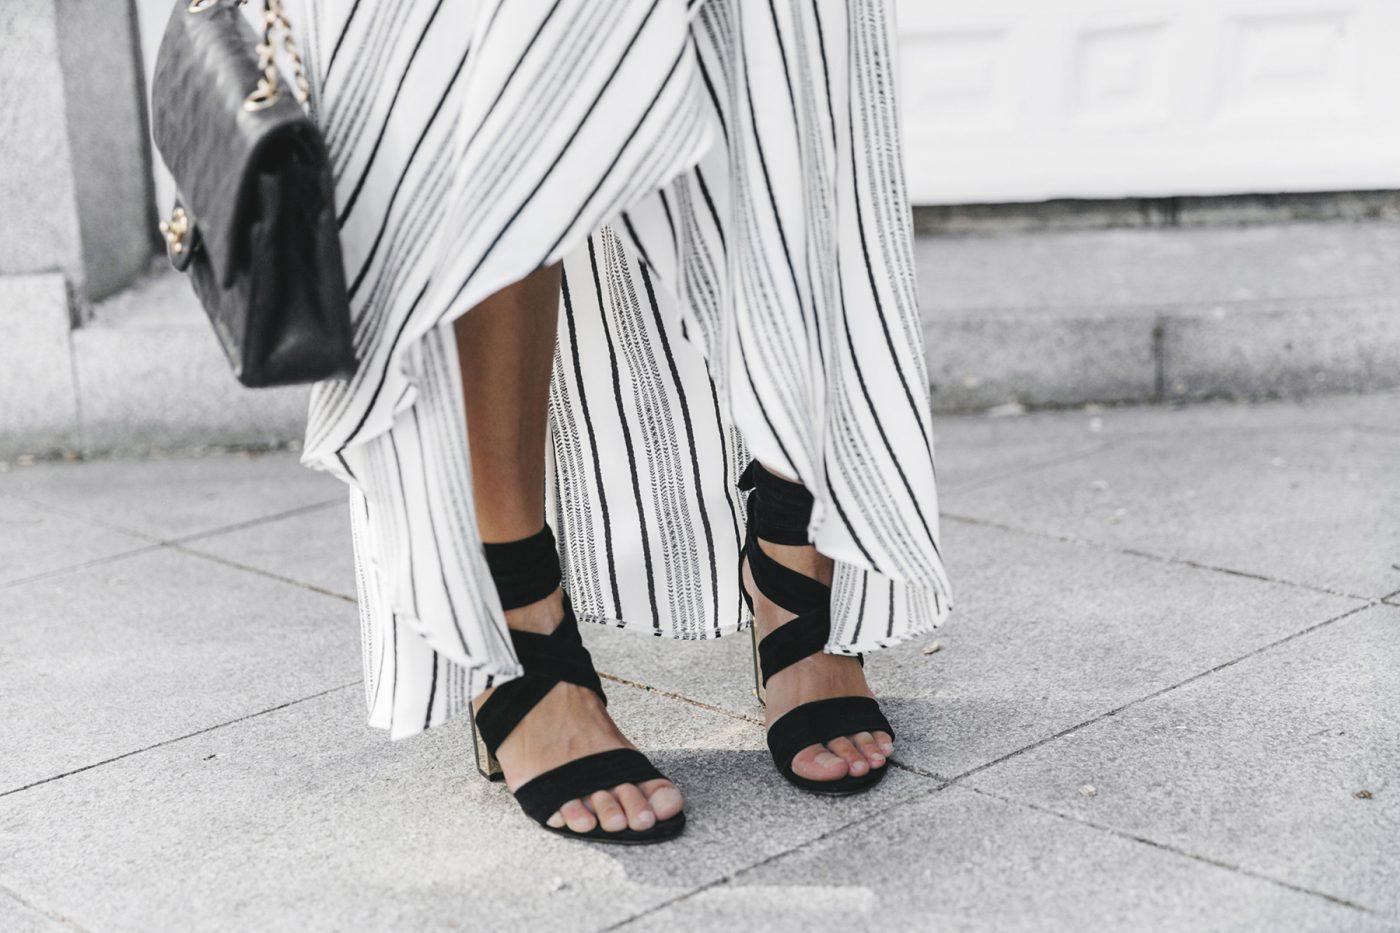 River_Island-El_Imparcial-Striped_SKirt-Off_Shoulders_Top-Lace_Up_Sandals-CHanel_Vintage_Bag-26